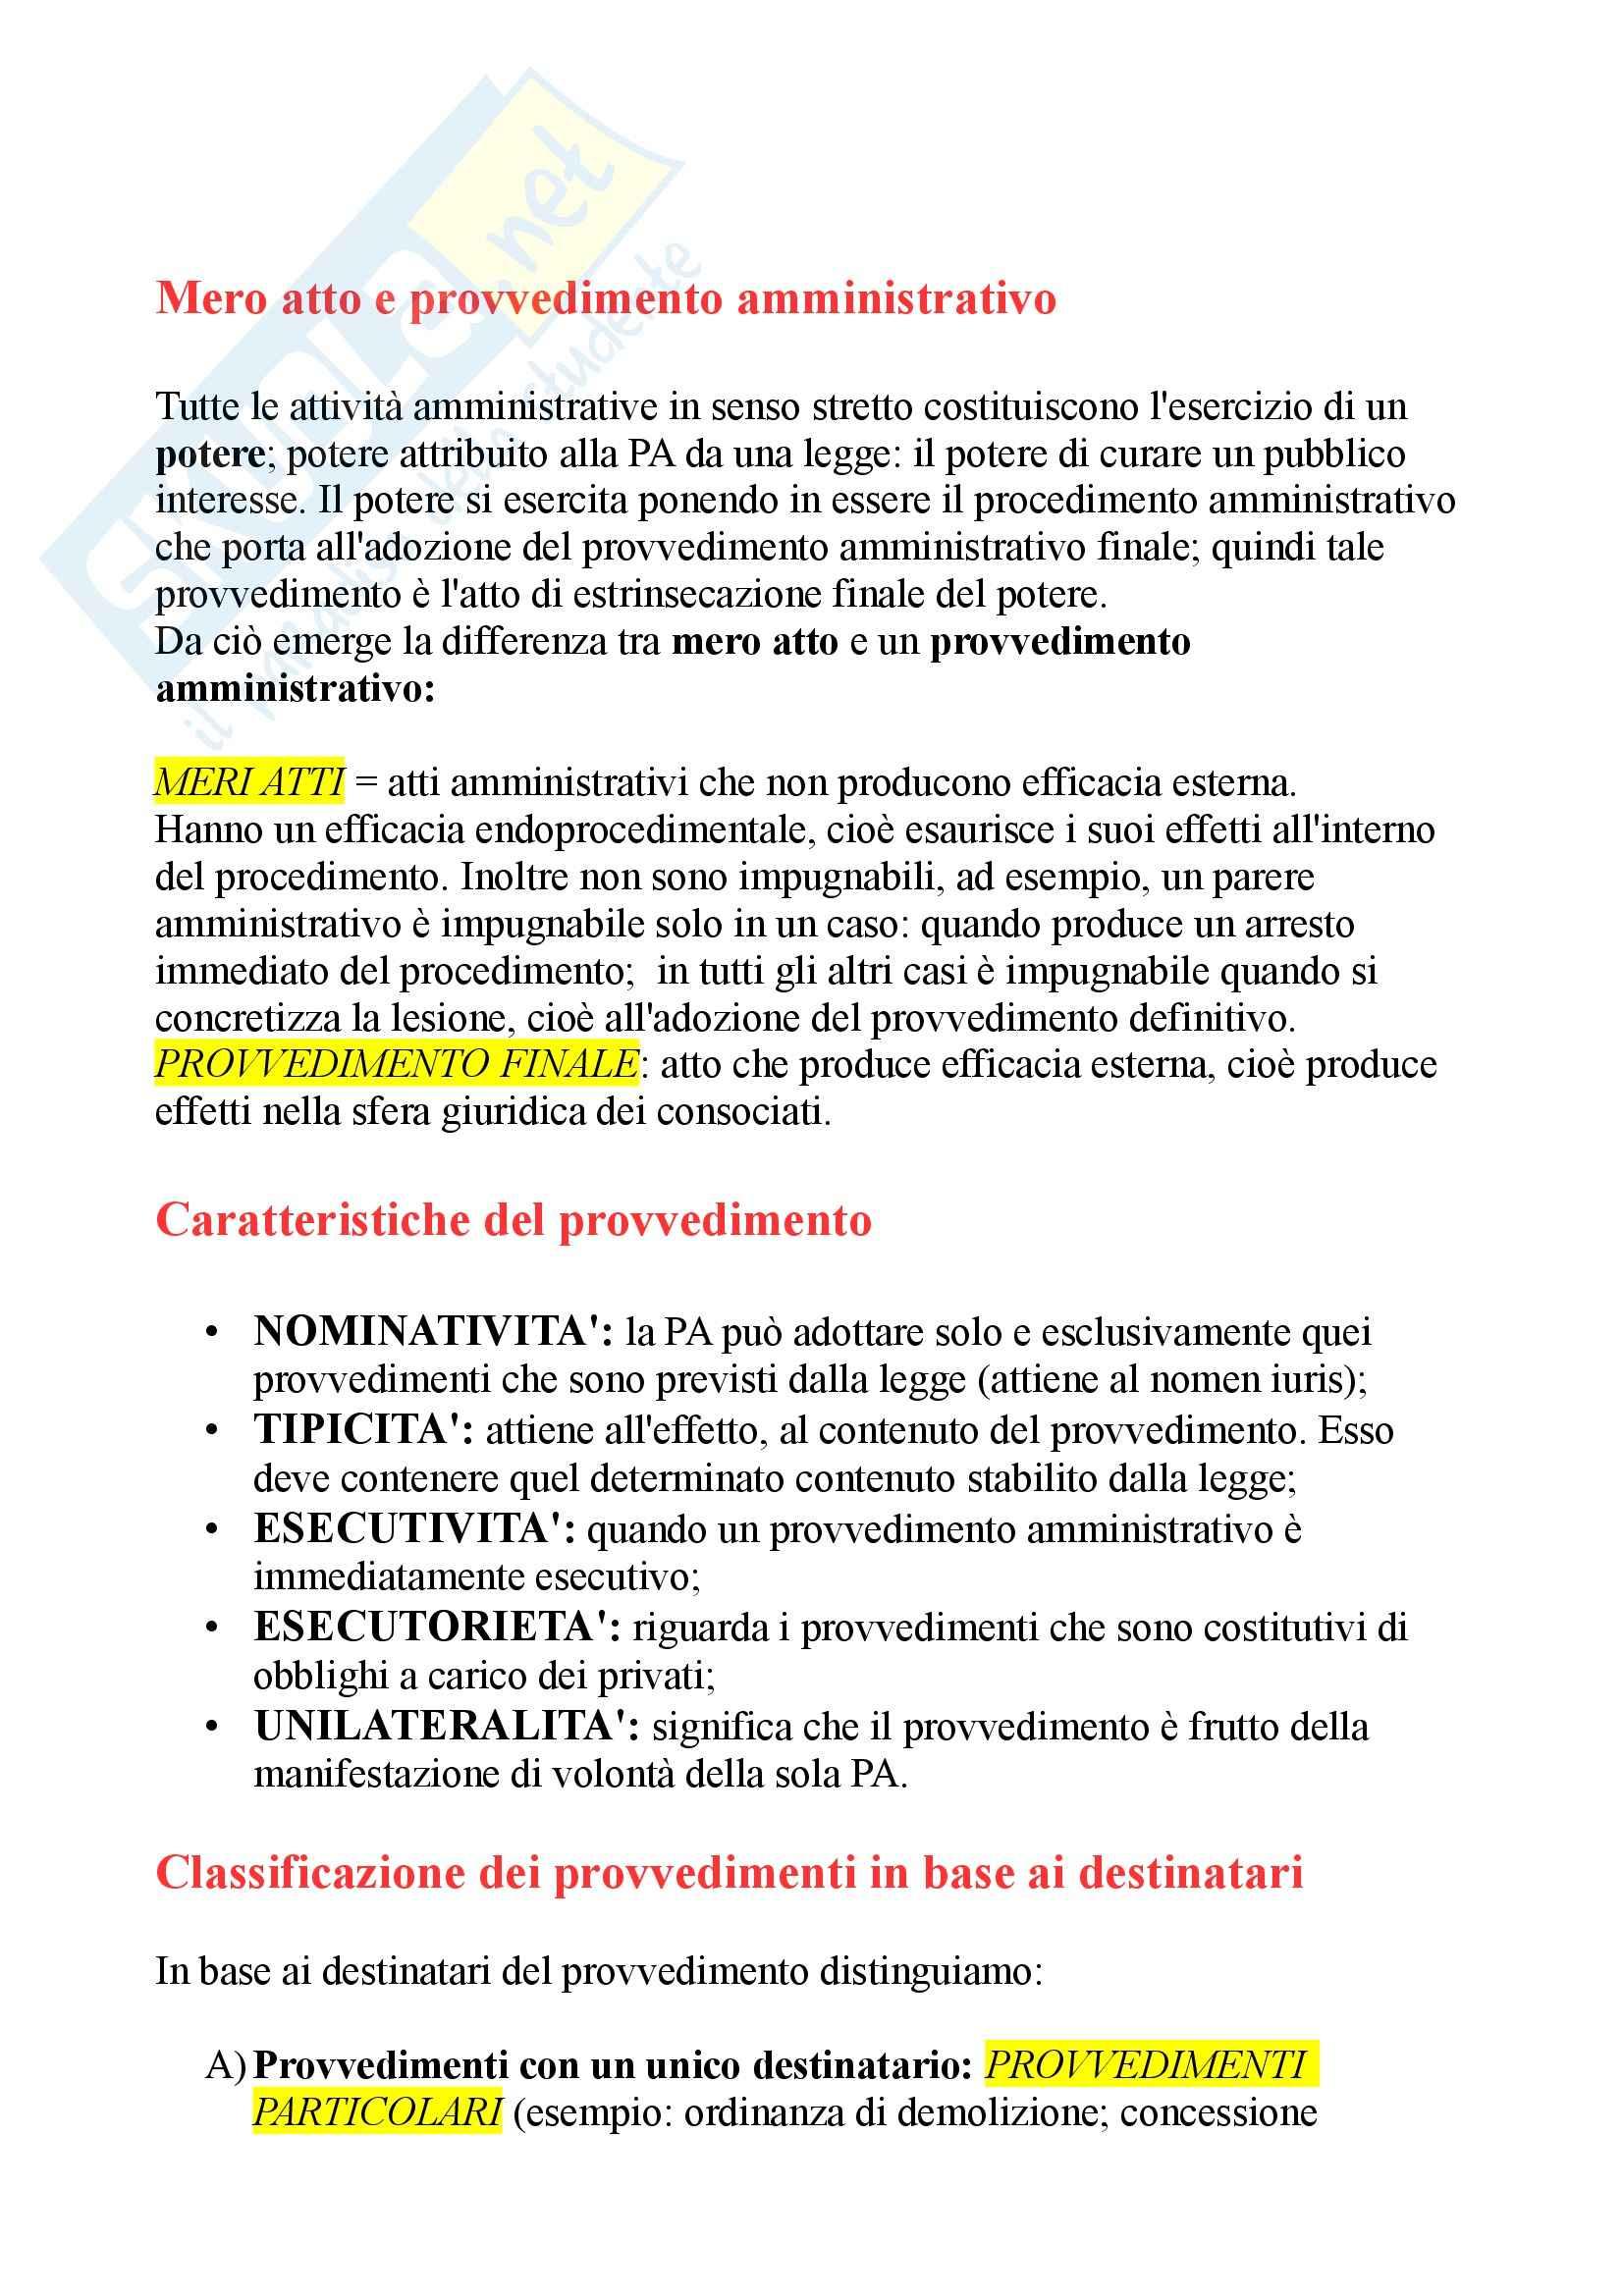 Riassunto esame Diritto amministrativo, prof. D'Emma Pag. 2